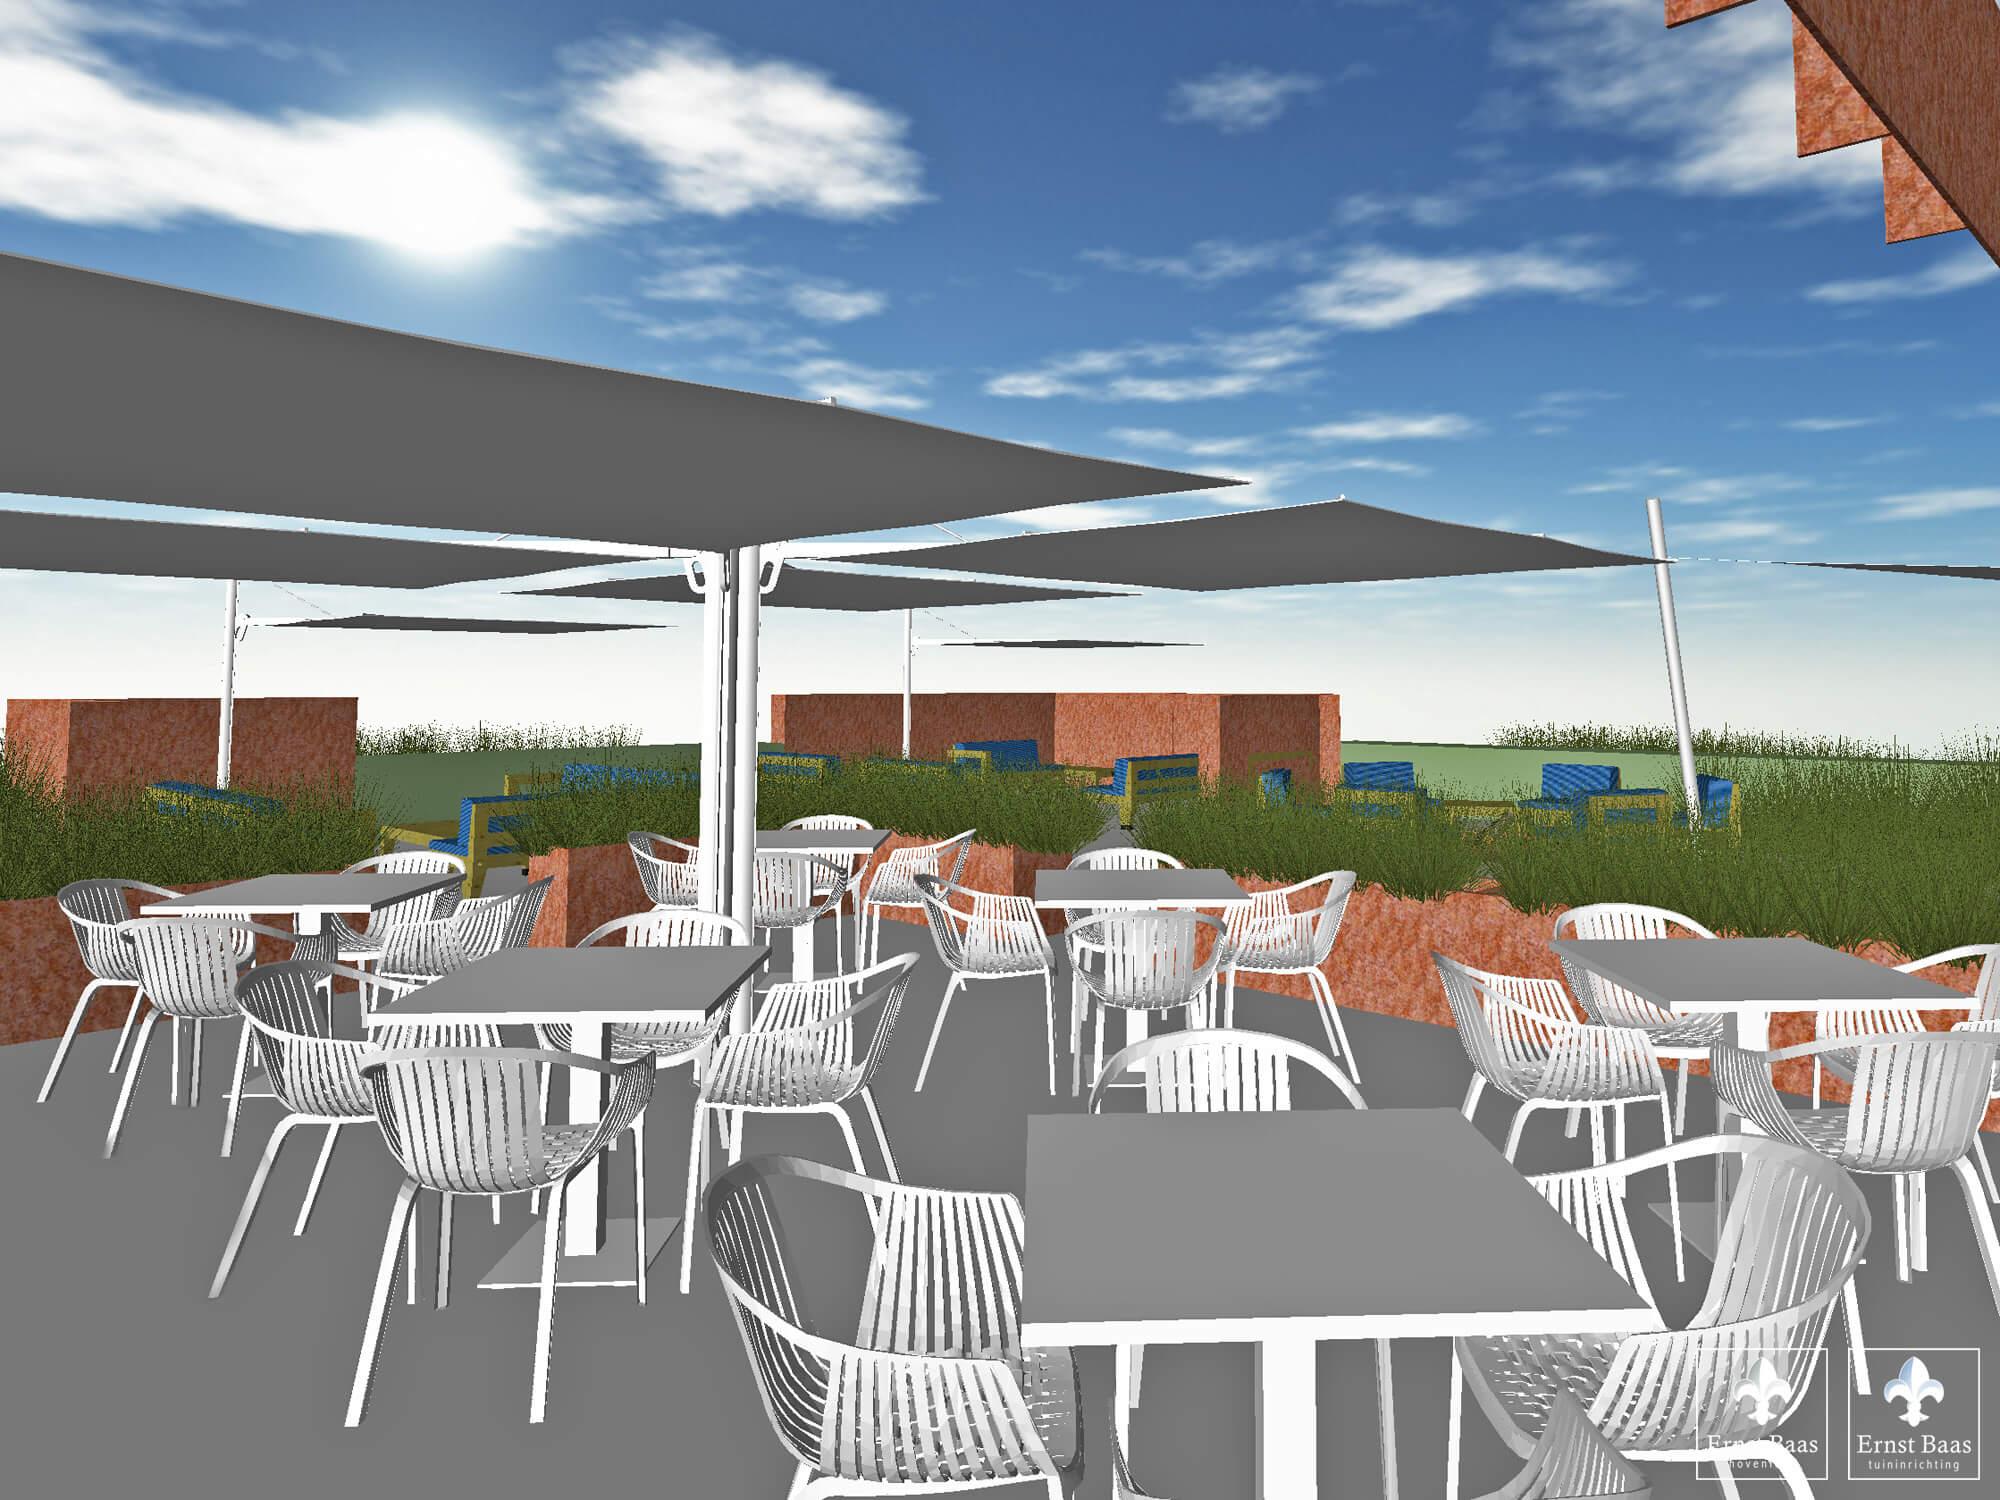 Ontwerp voor het nieuwe terras van golfbaan bentwoud ernst baas tuininrichting - Overdekt terras voor restaurant ...